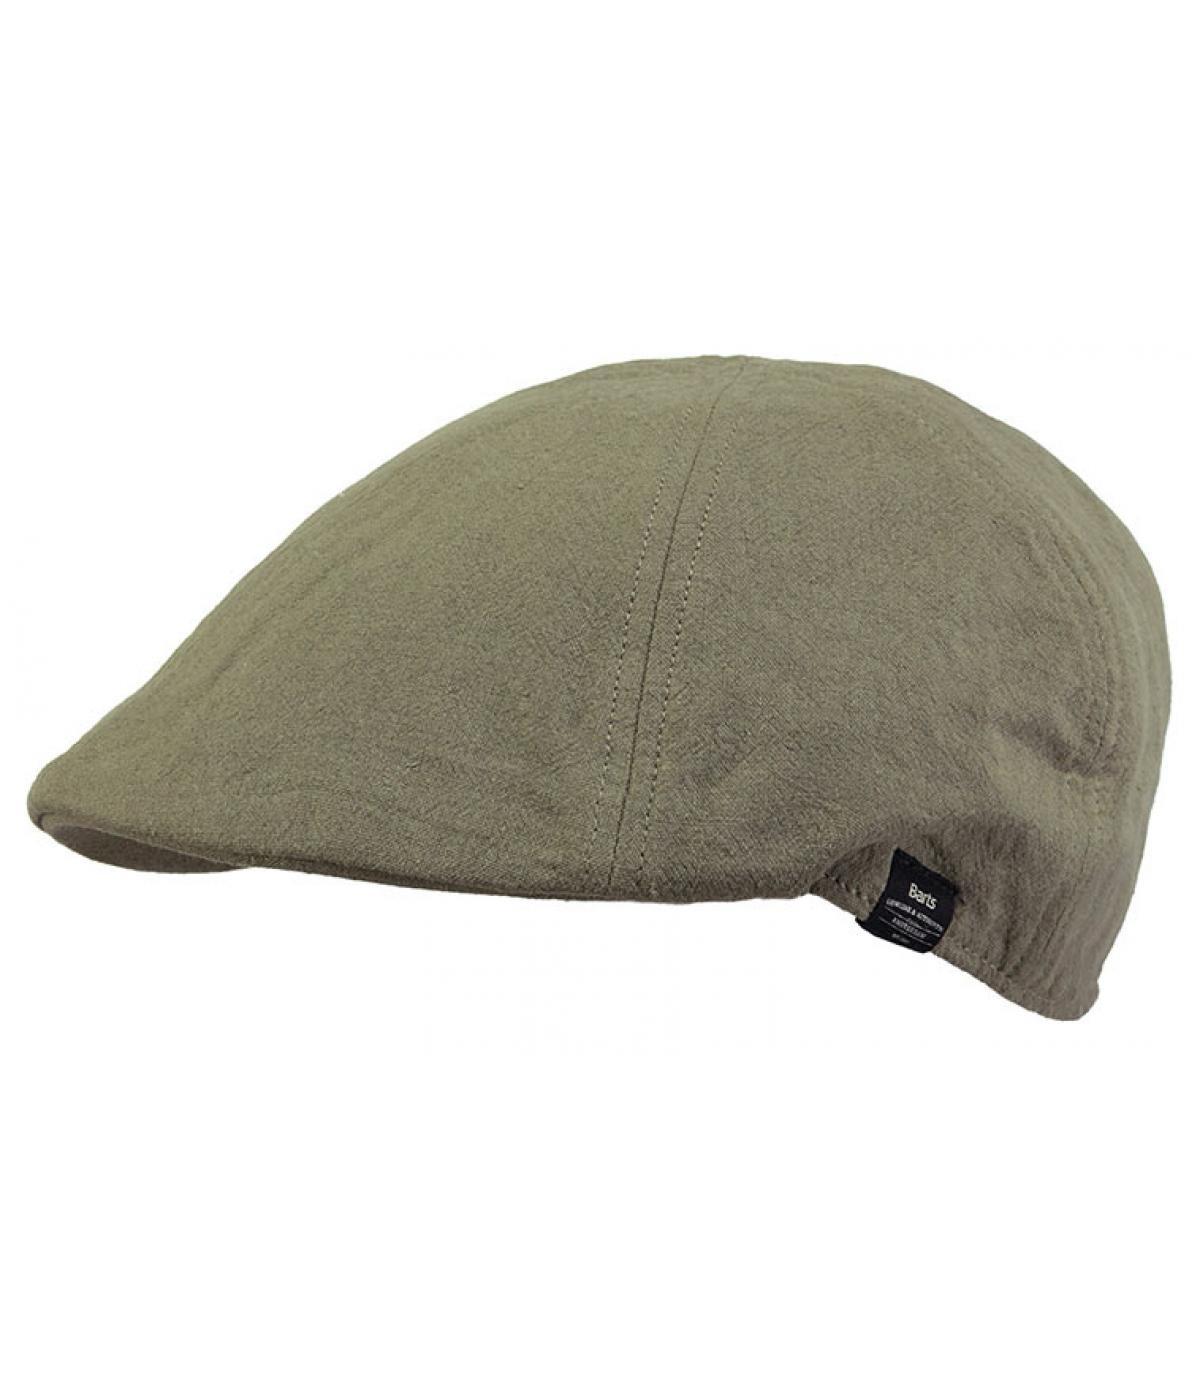 green cotton duckbill cap